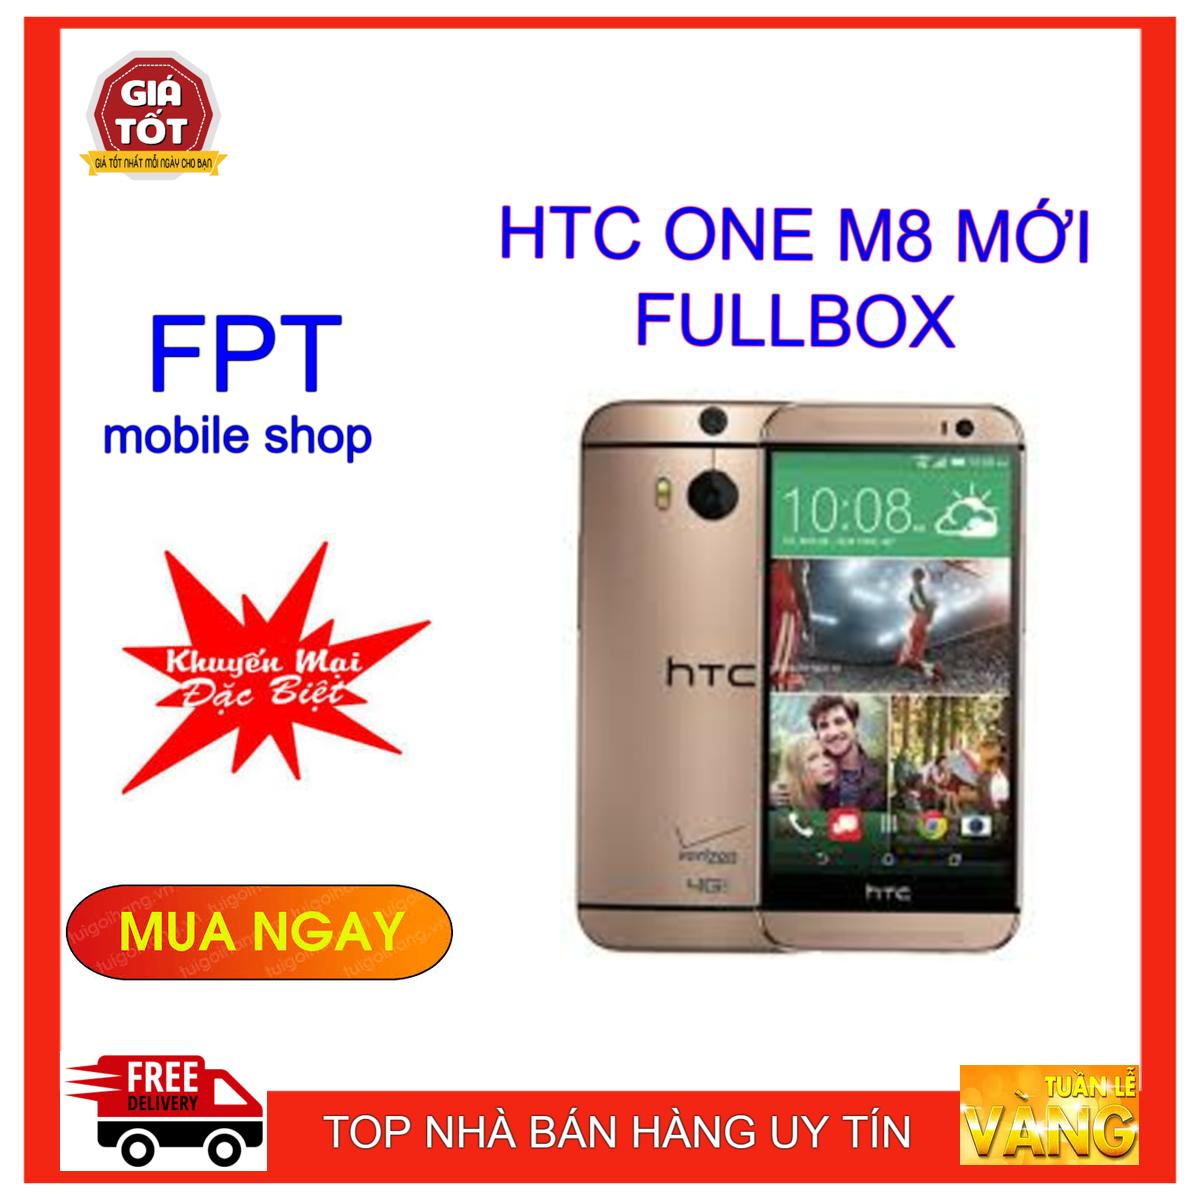 ĐIỆN THOẠI HTC ONE M8 NEW FULLBOX RAM 2GB BẢO HÀNH 1 NĂM